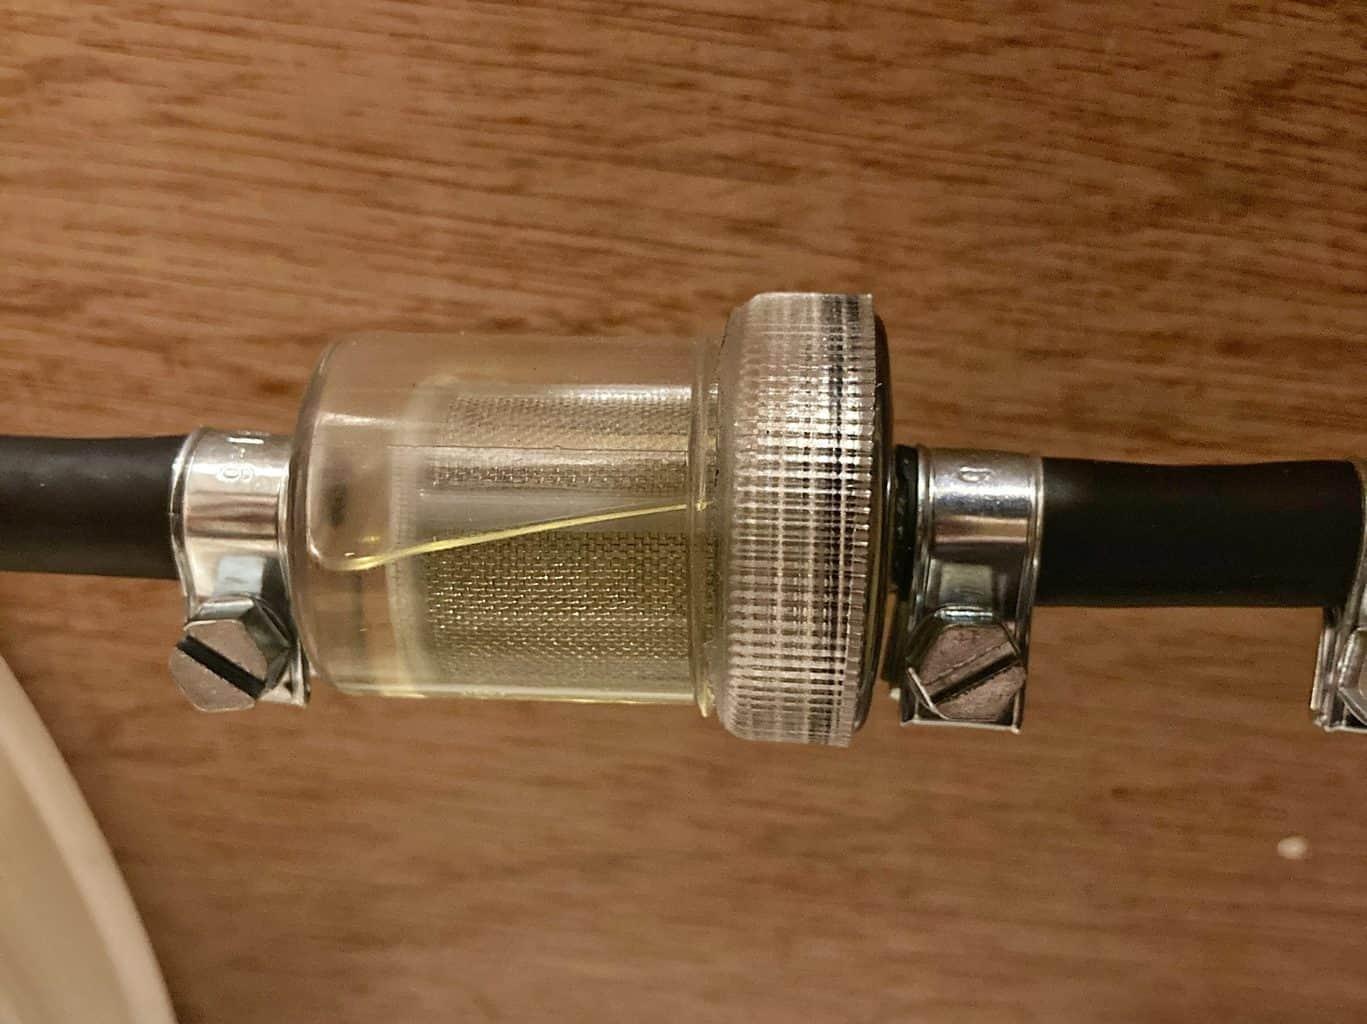 van heater filter